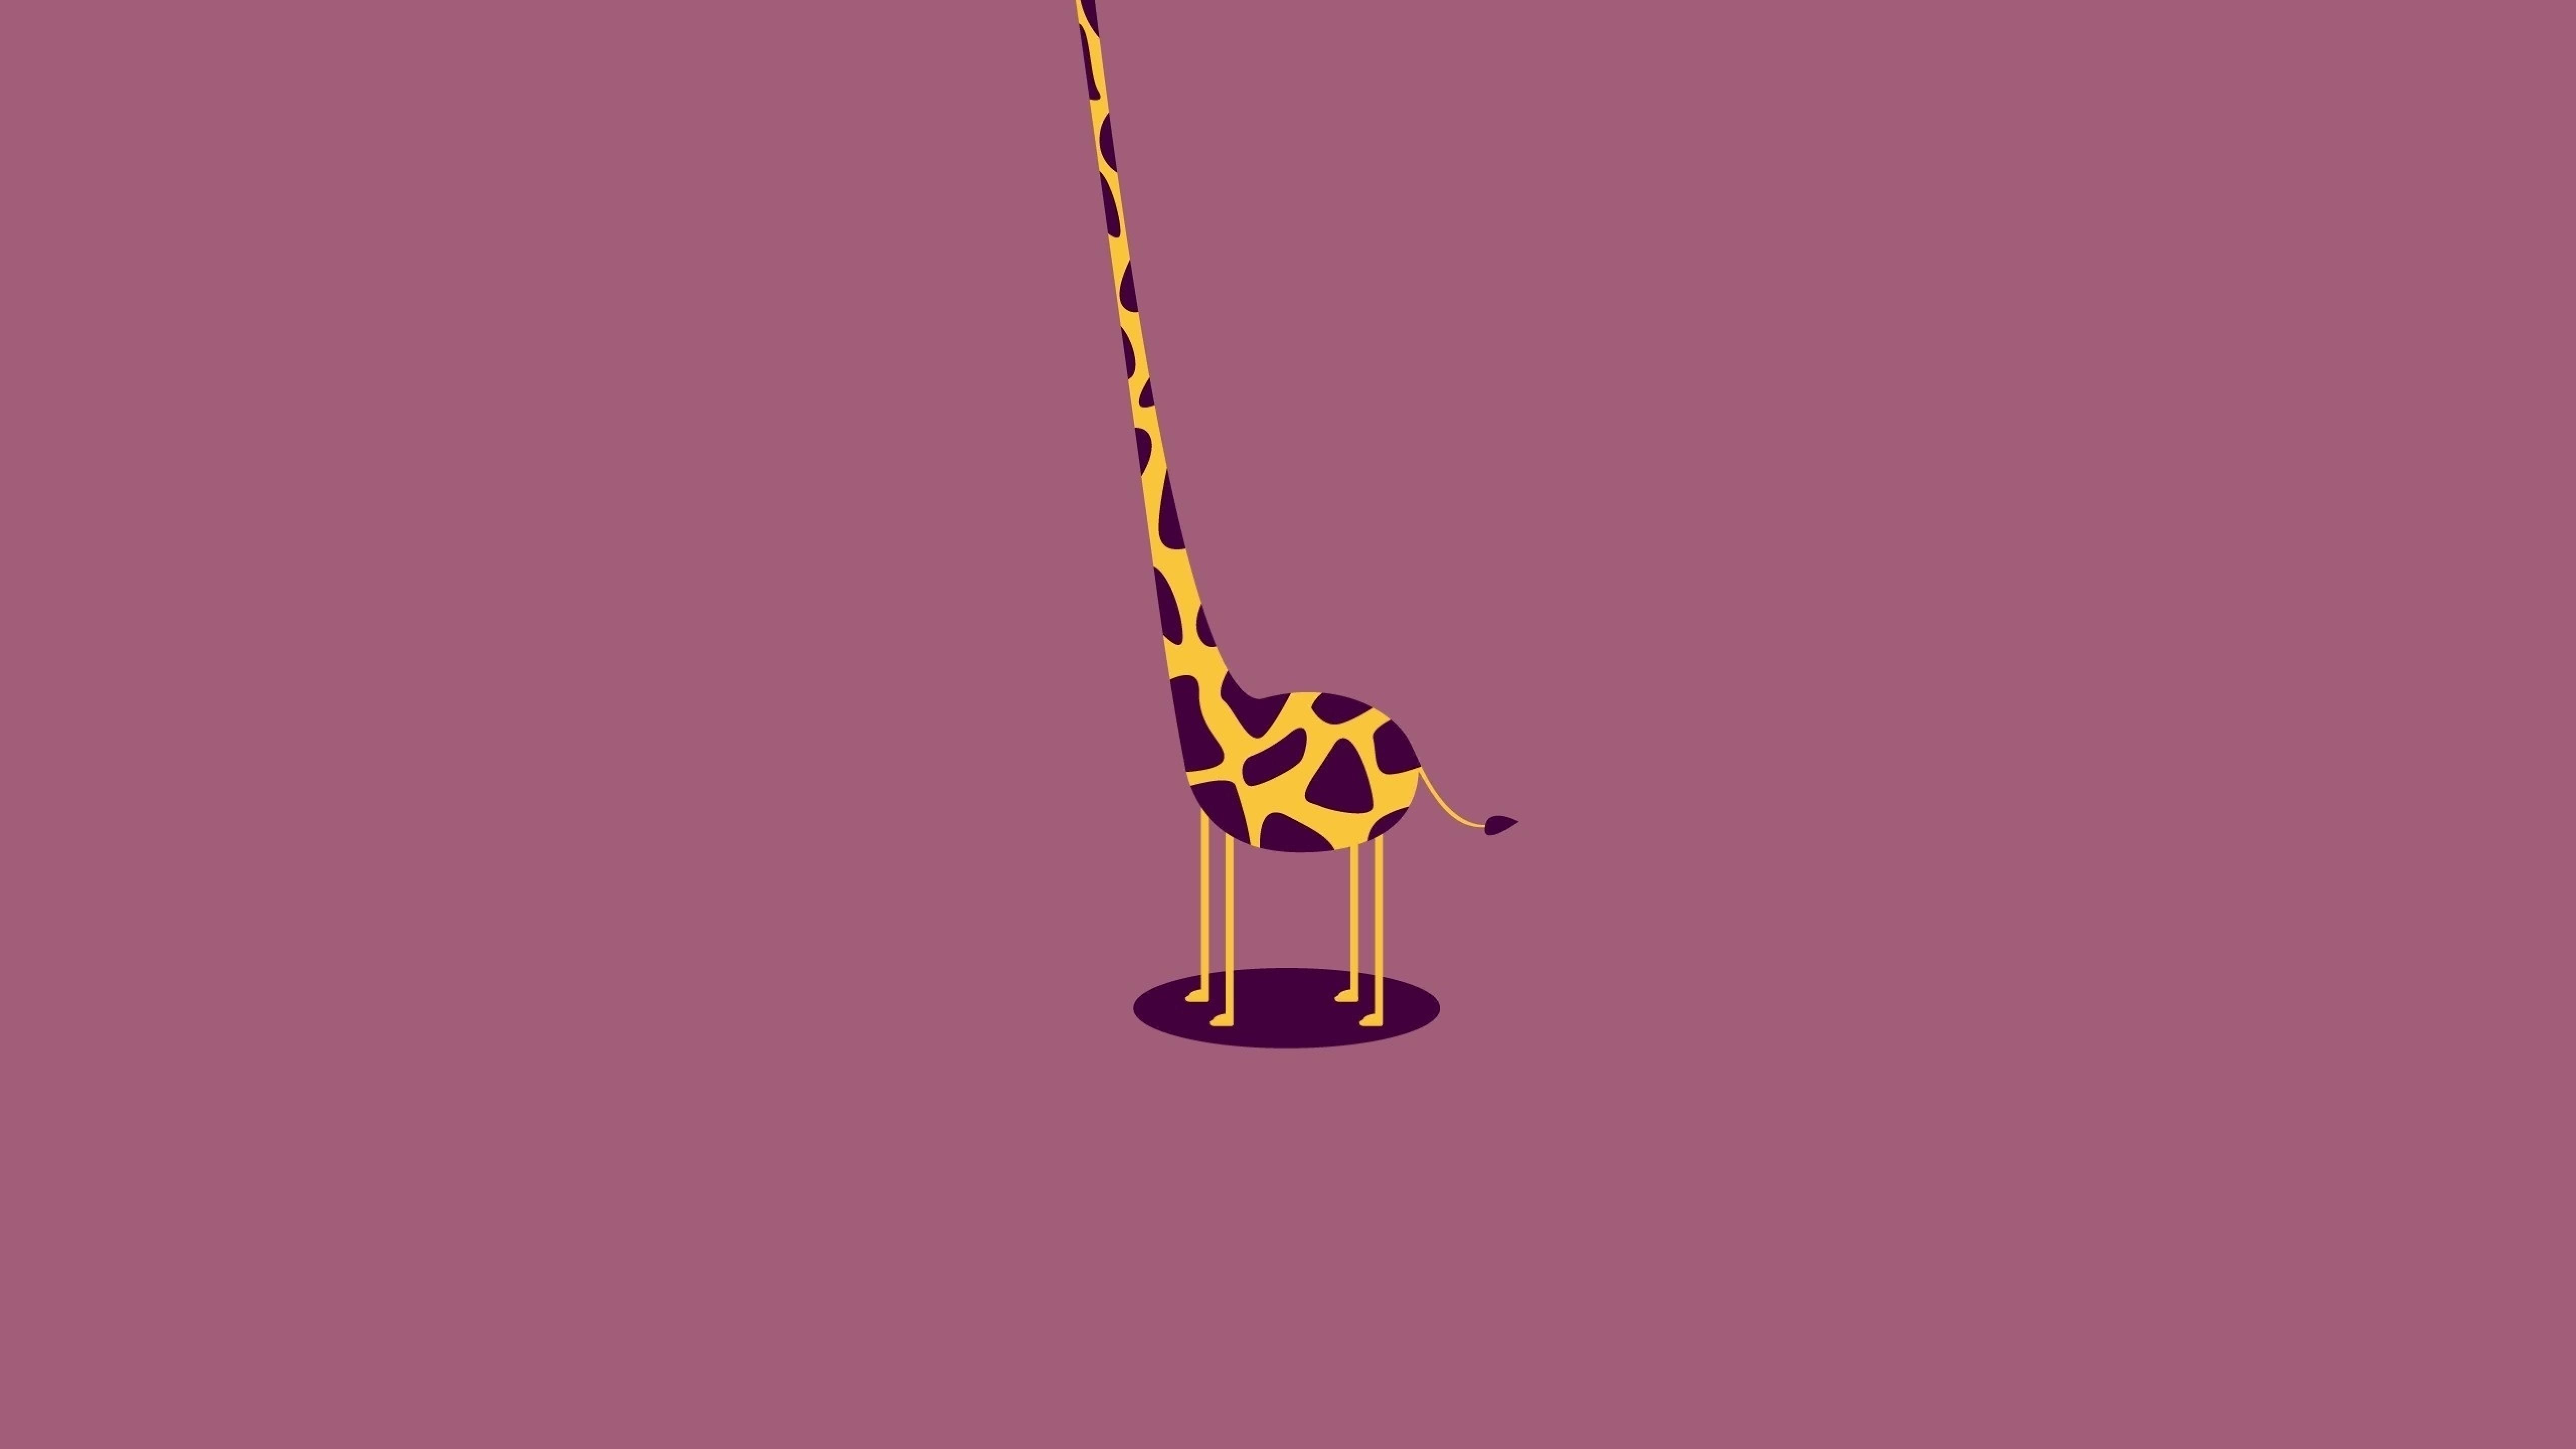 жираф рисунок  № 3522488  скачать